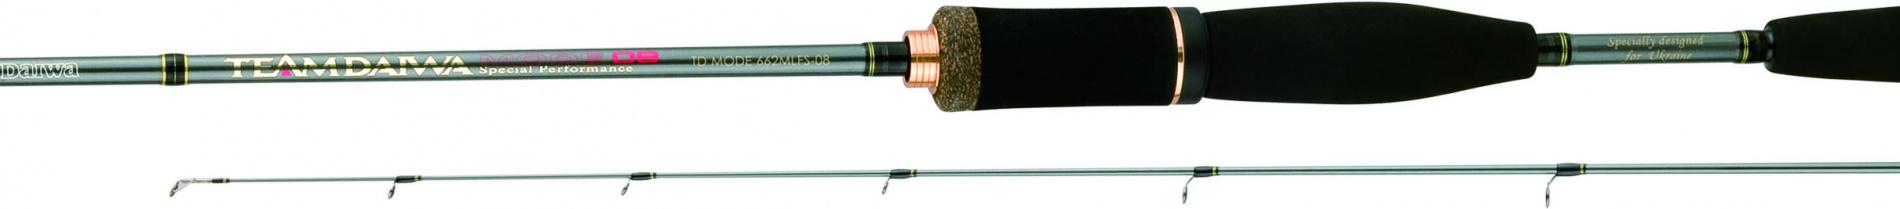 Спиннинг штек. DAIWA Team Daiwa Mode TDM E 602 MFB OH 1,83м Спинниги<br>» Обновленная серия удилищ TD-MODE » Бланки <br>из высококачественного графита » Пропускные <br>кольца Fuji SiC » Оригинальный фиксатор для <br>крючка Fuji » Рукоятка из долговечного материала <br>EVA » Оригинальная двухкурковая рукоятка <br>Daiwa на кастинговых моделях<br>